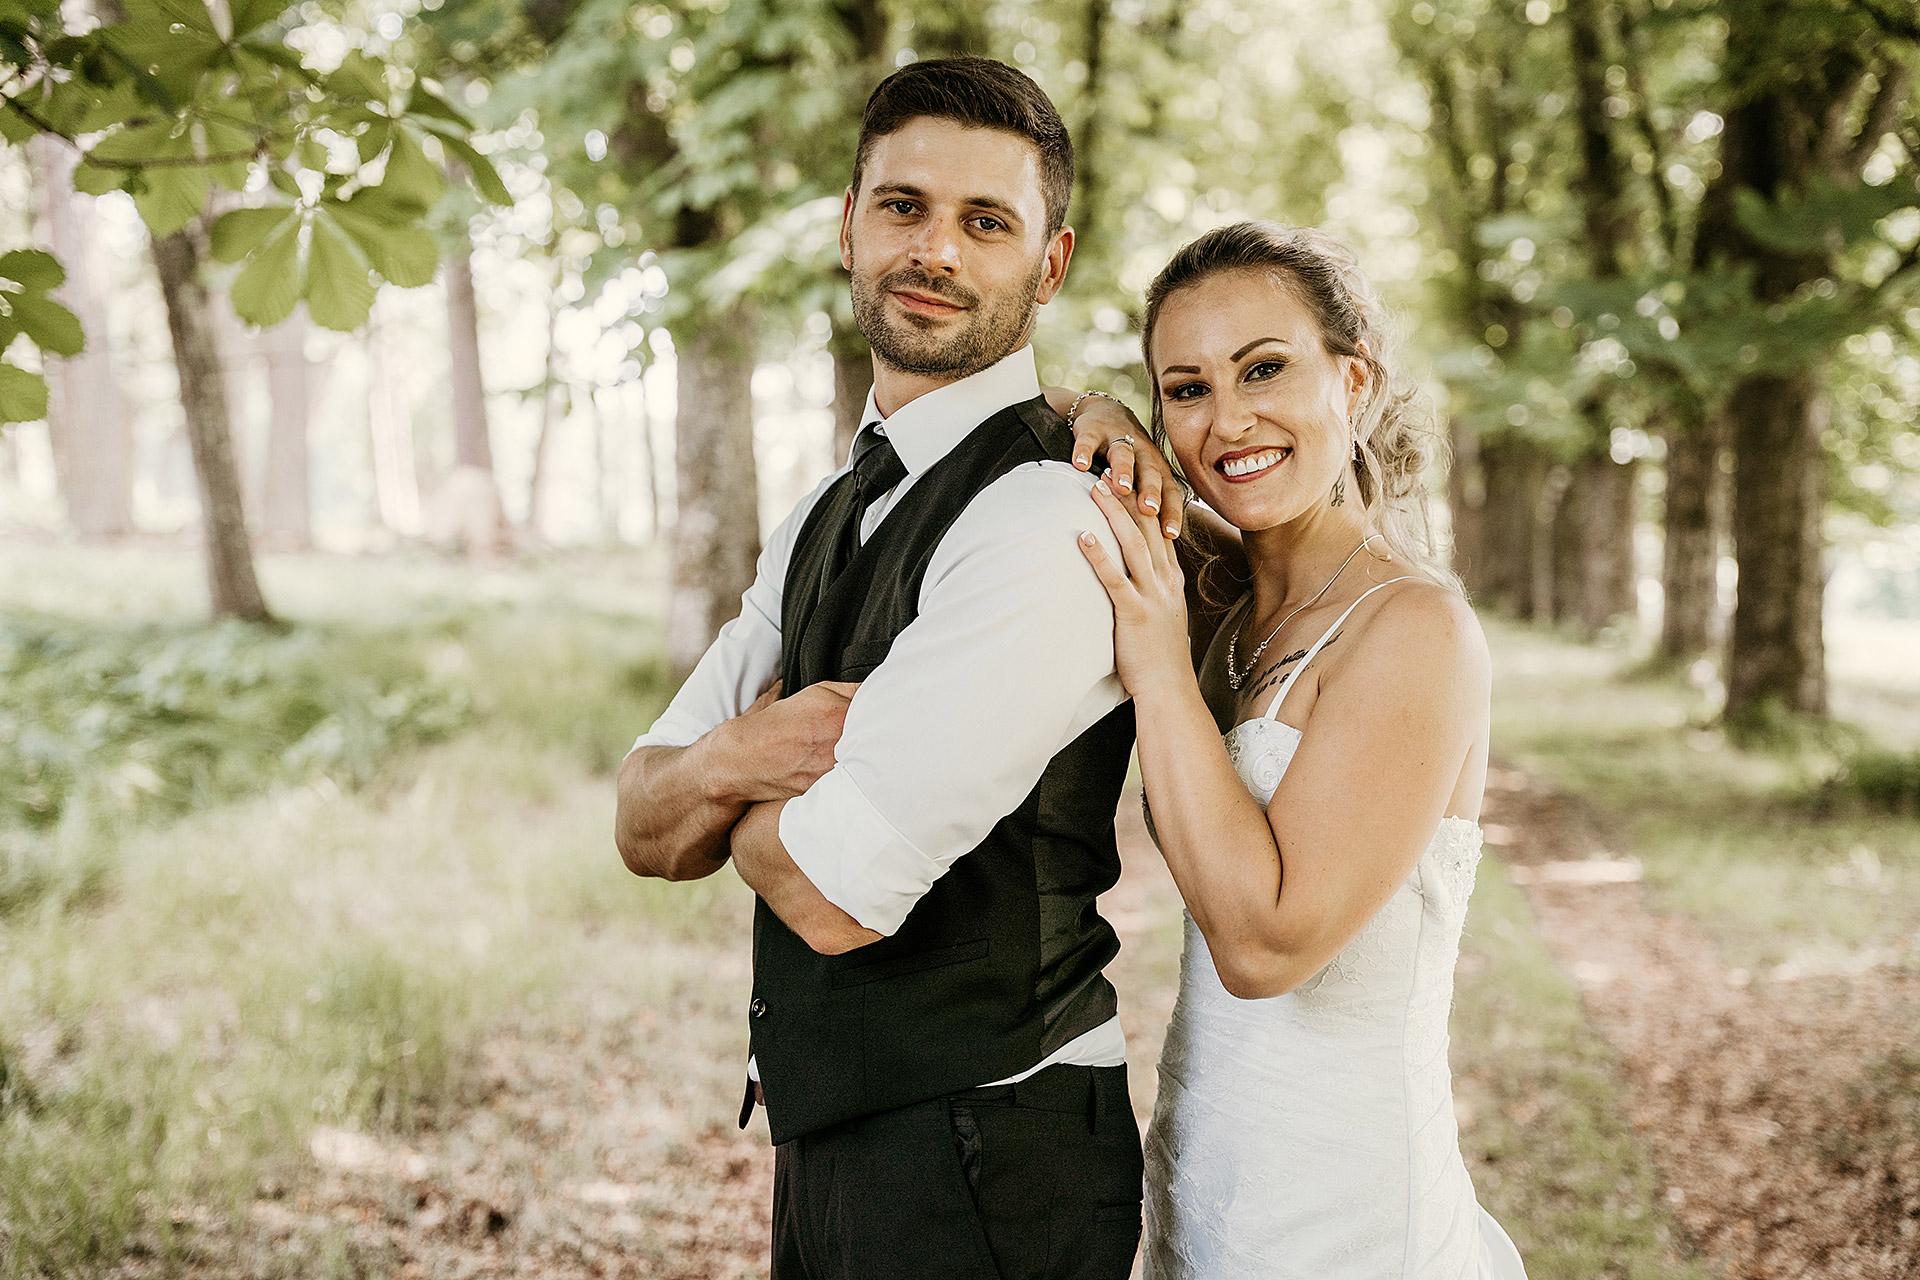 HochzeitsfotografinFotografinHochzeitsreportage - Hochzeitsreportage